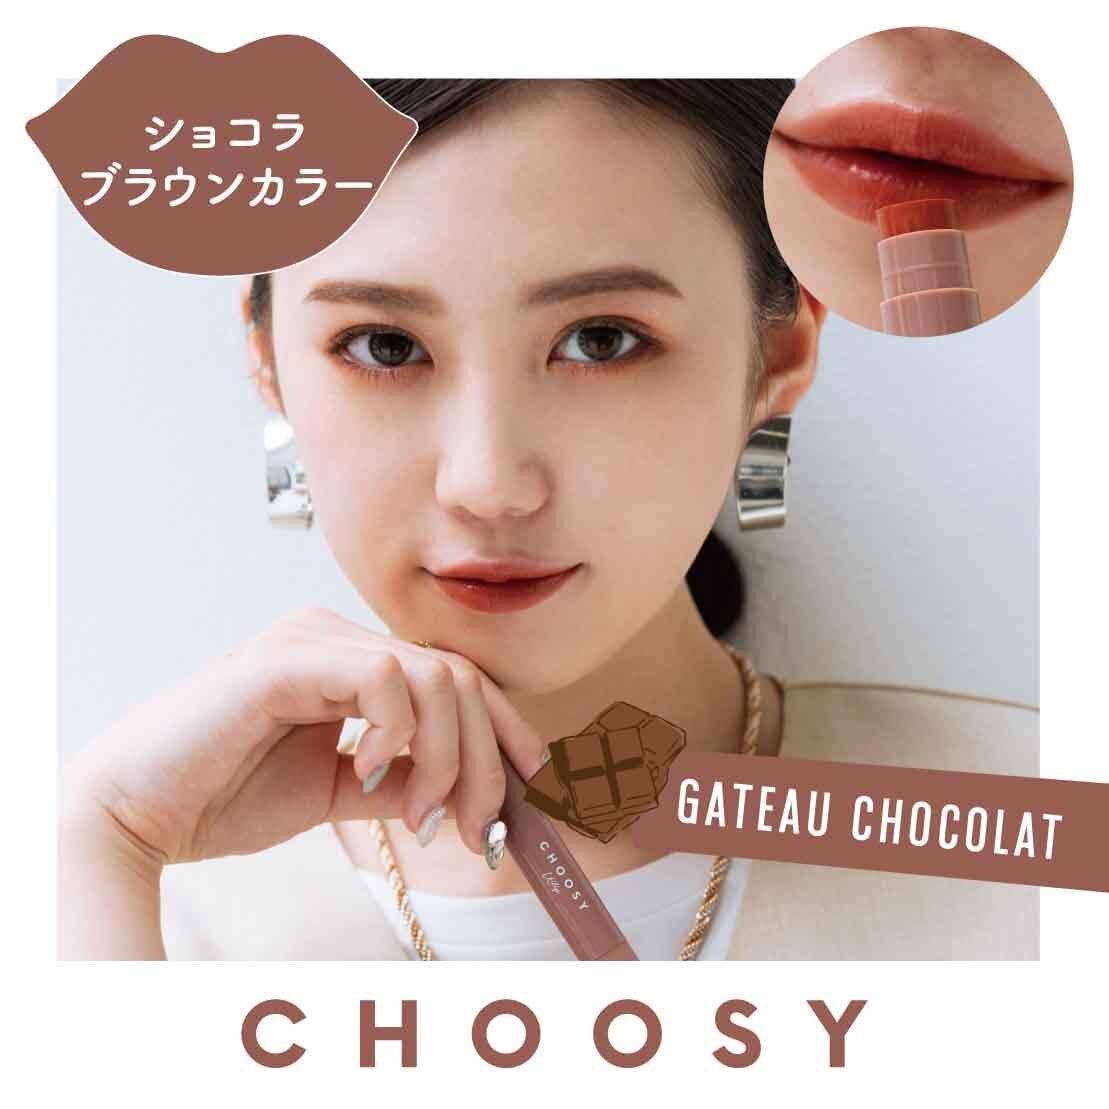 CHOOSY(チューシ―)カラーケアリップクリーム 三原羽衣さんプロデュース